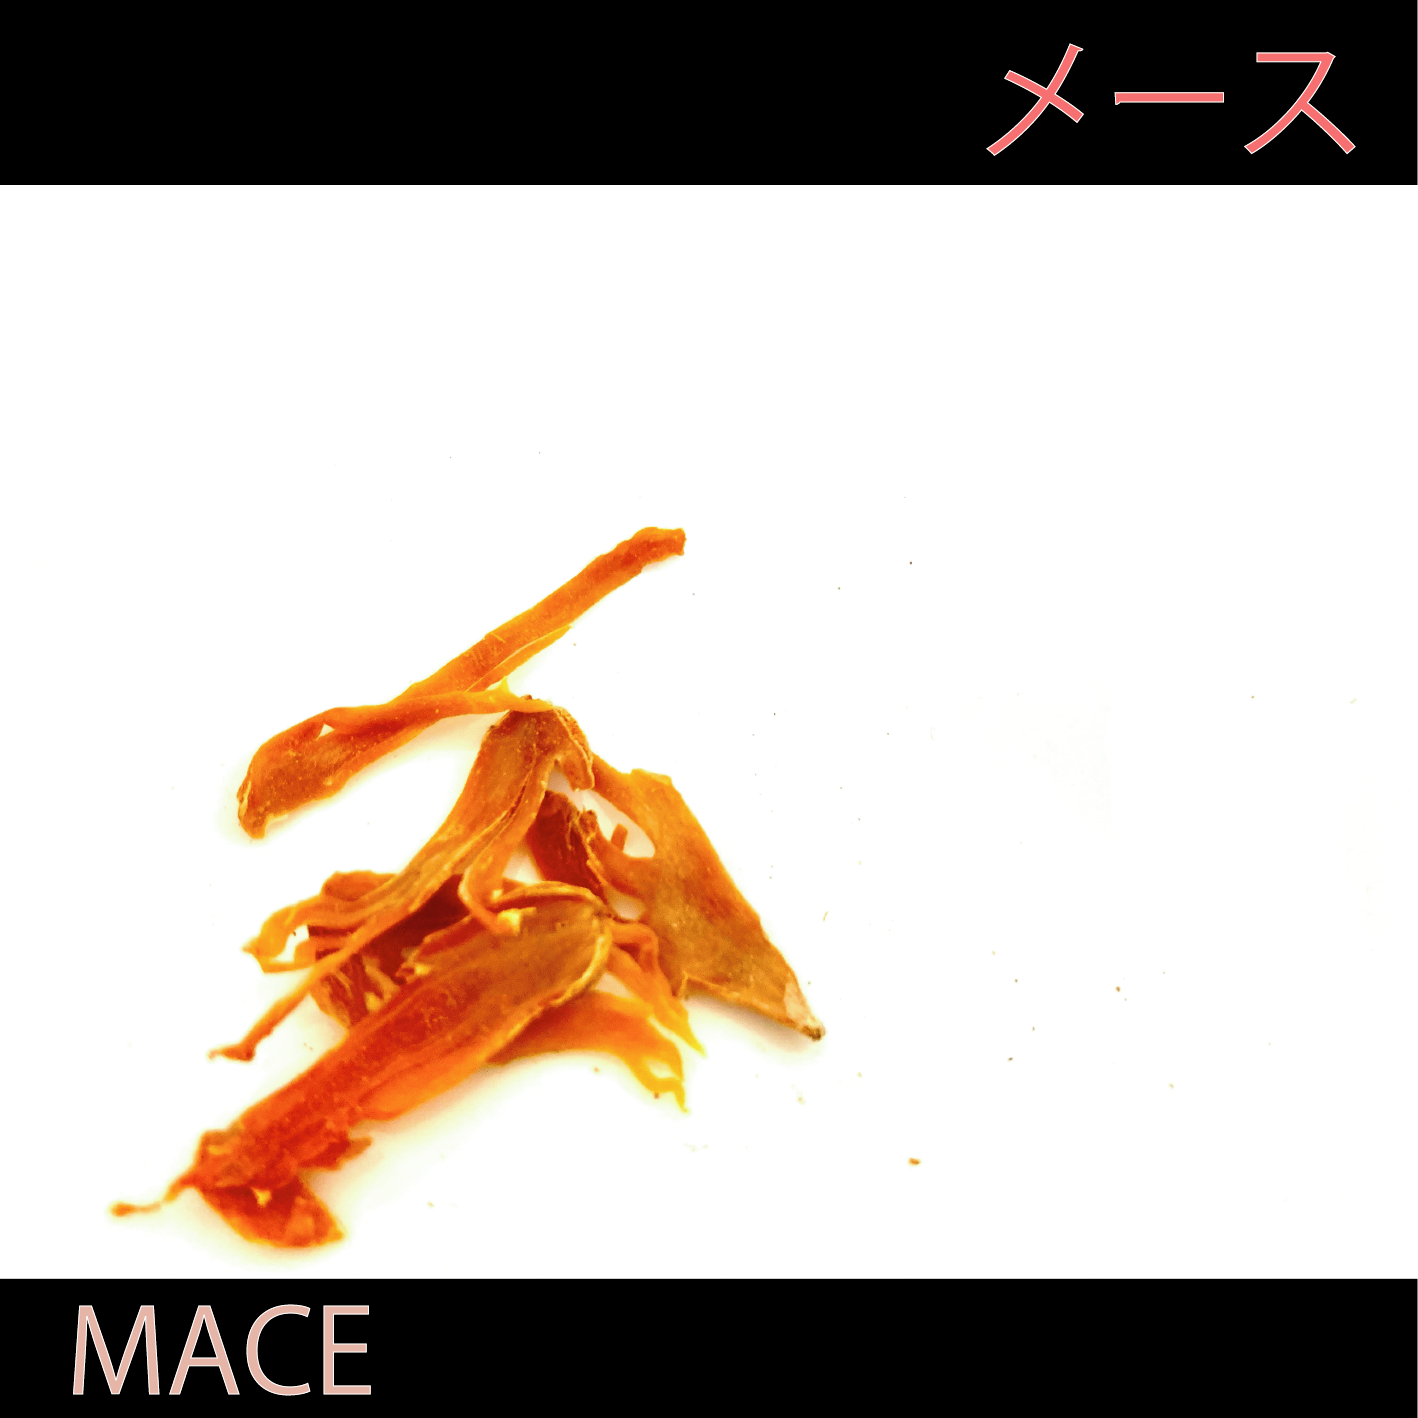 クラフトコーラの食材紹介 vol.9 メース